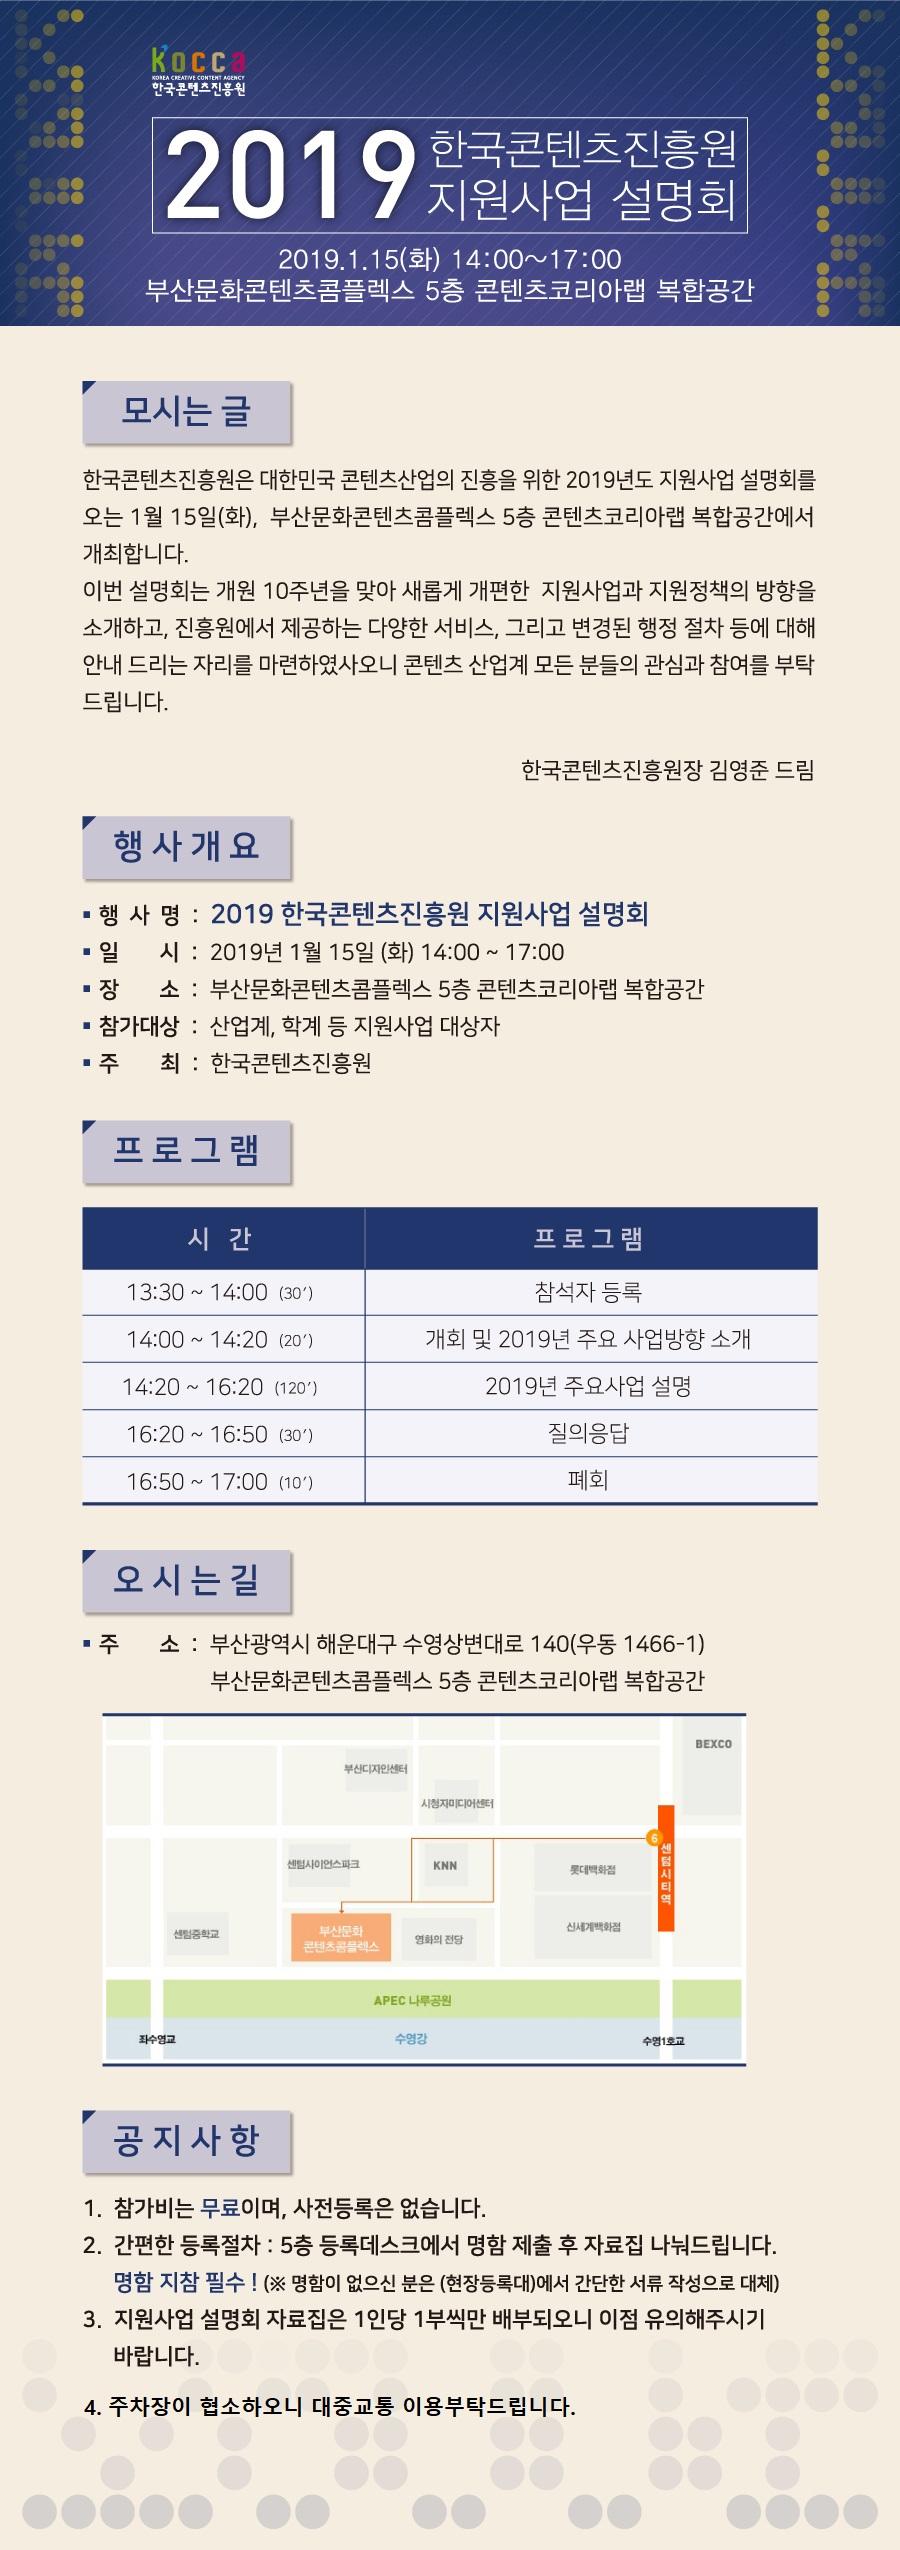 한국콘텐츠진흥원 부산지역 사업설명회 개최안내(부산문화콘텐츠콤플렉스)